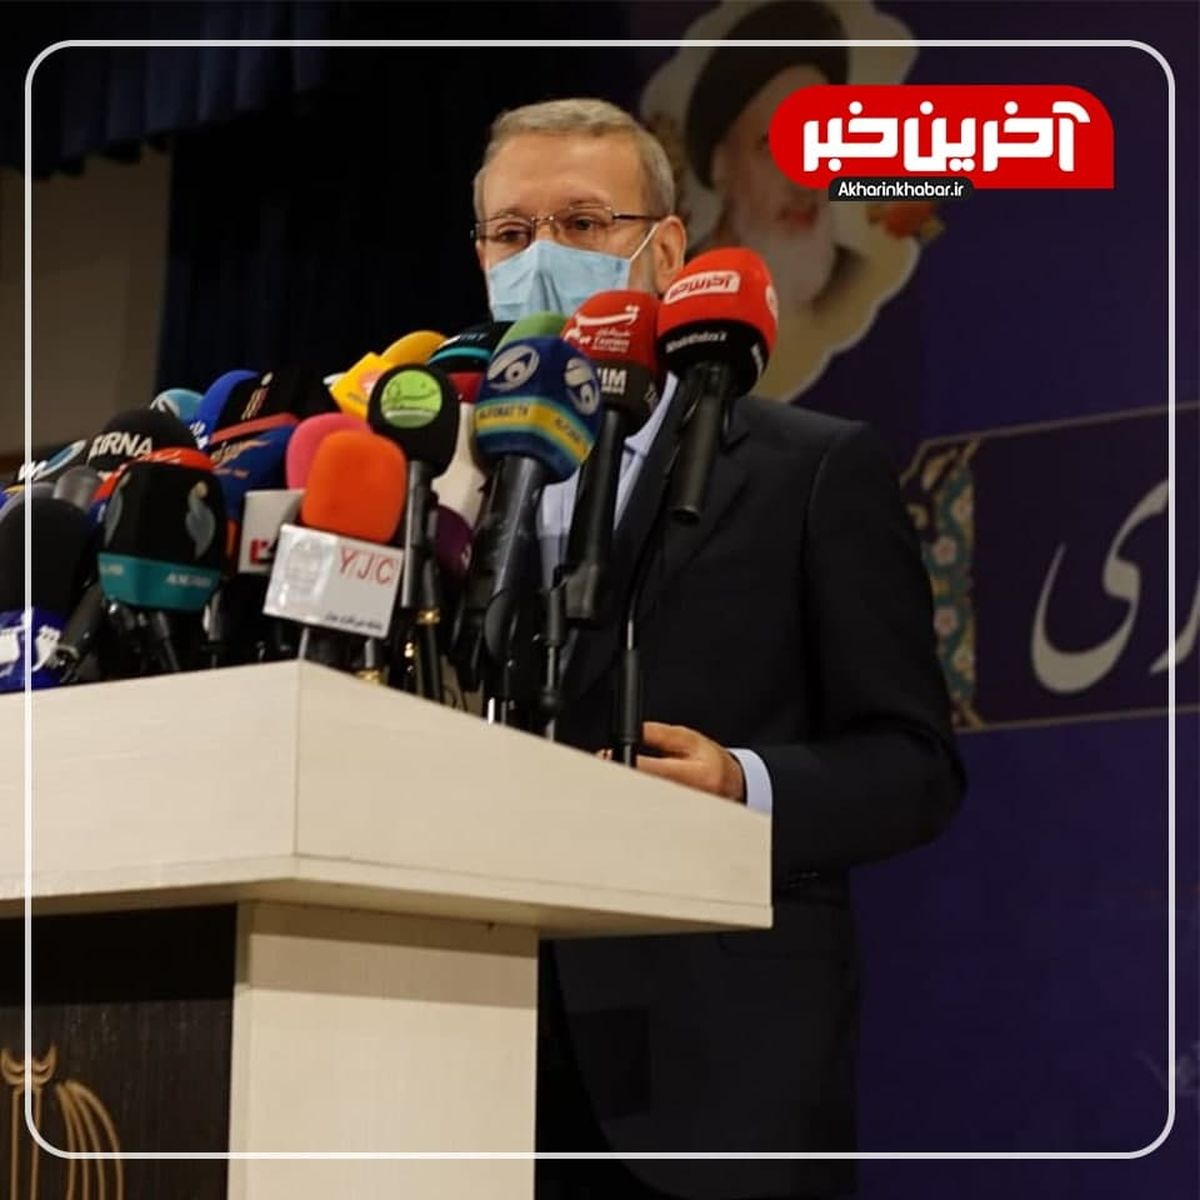 توضیحات نماینده سابق درباره اظهارات جنجالی لاریجانی در ستاد انتخابات